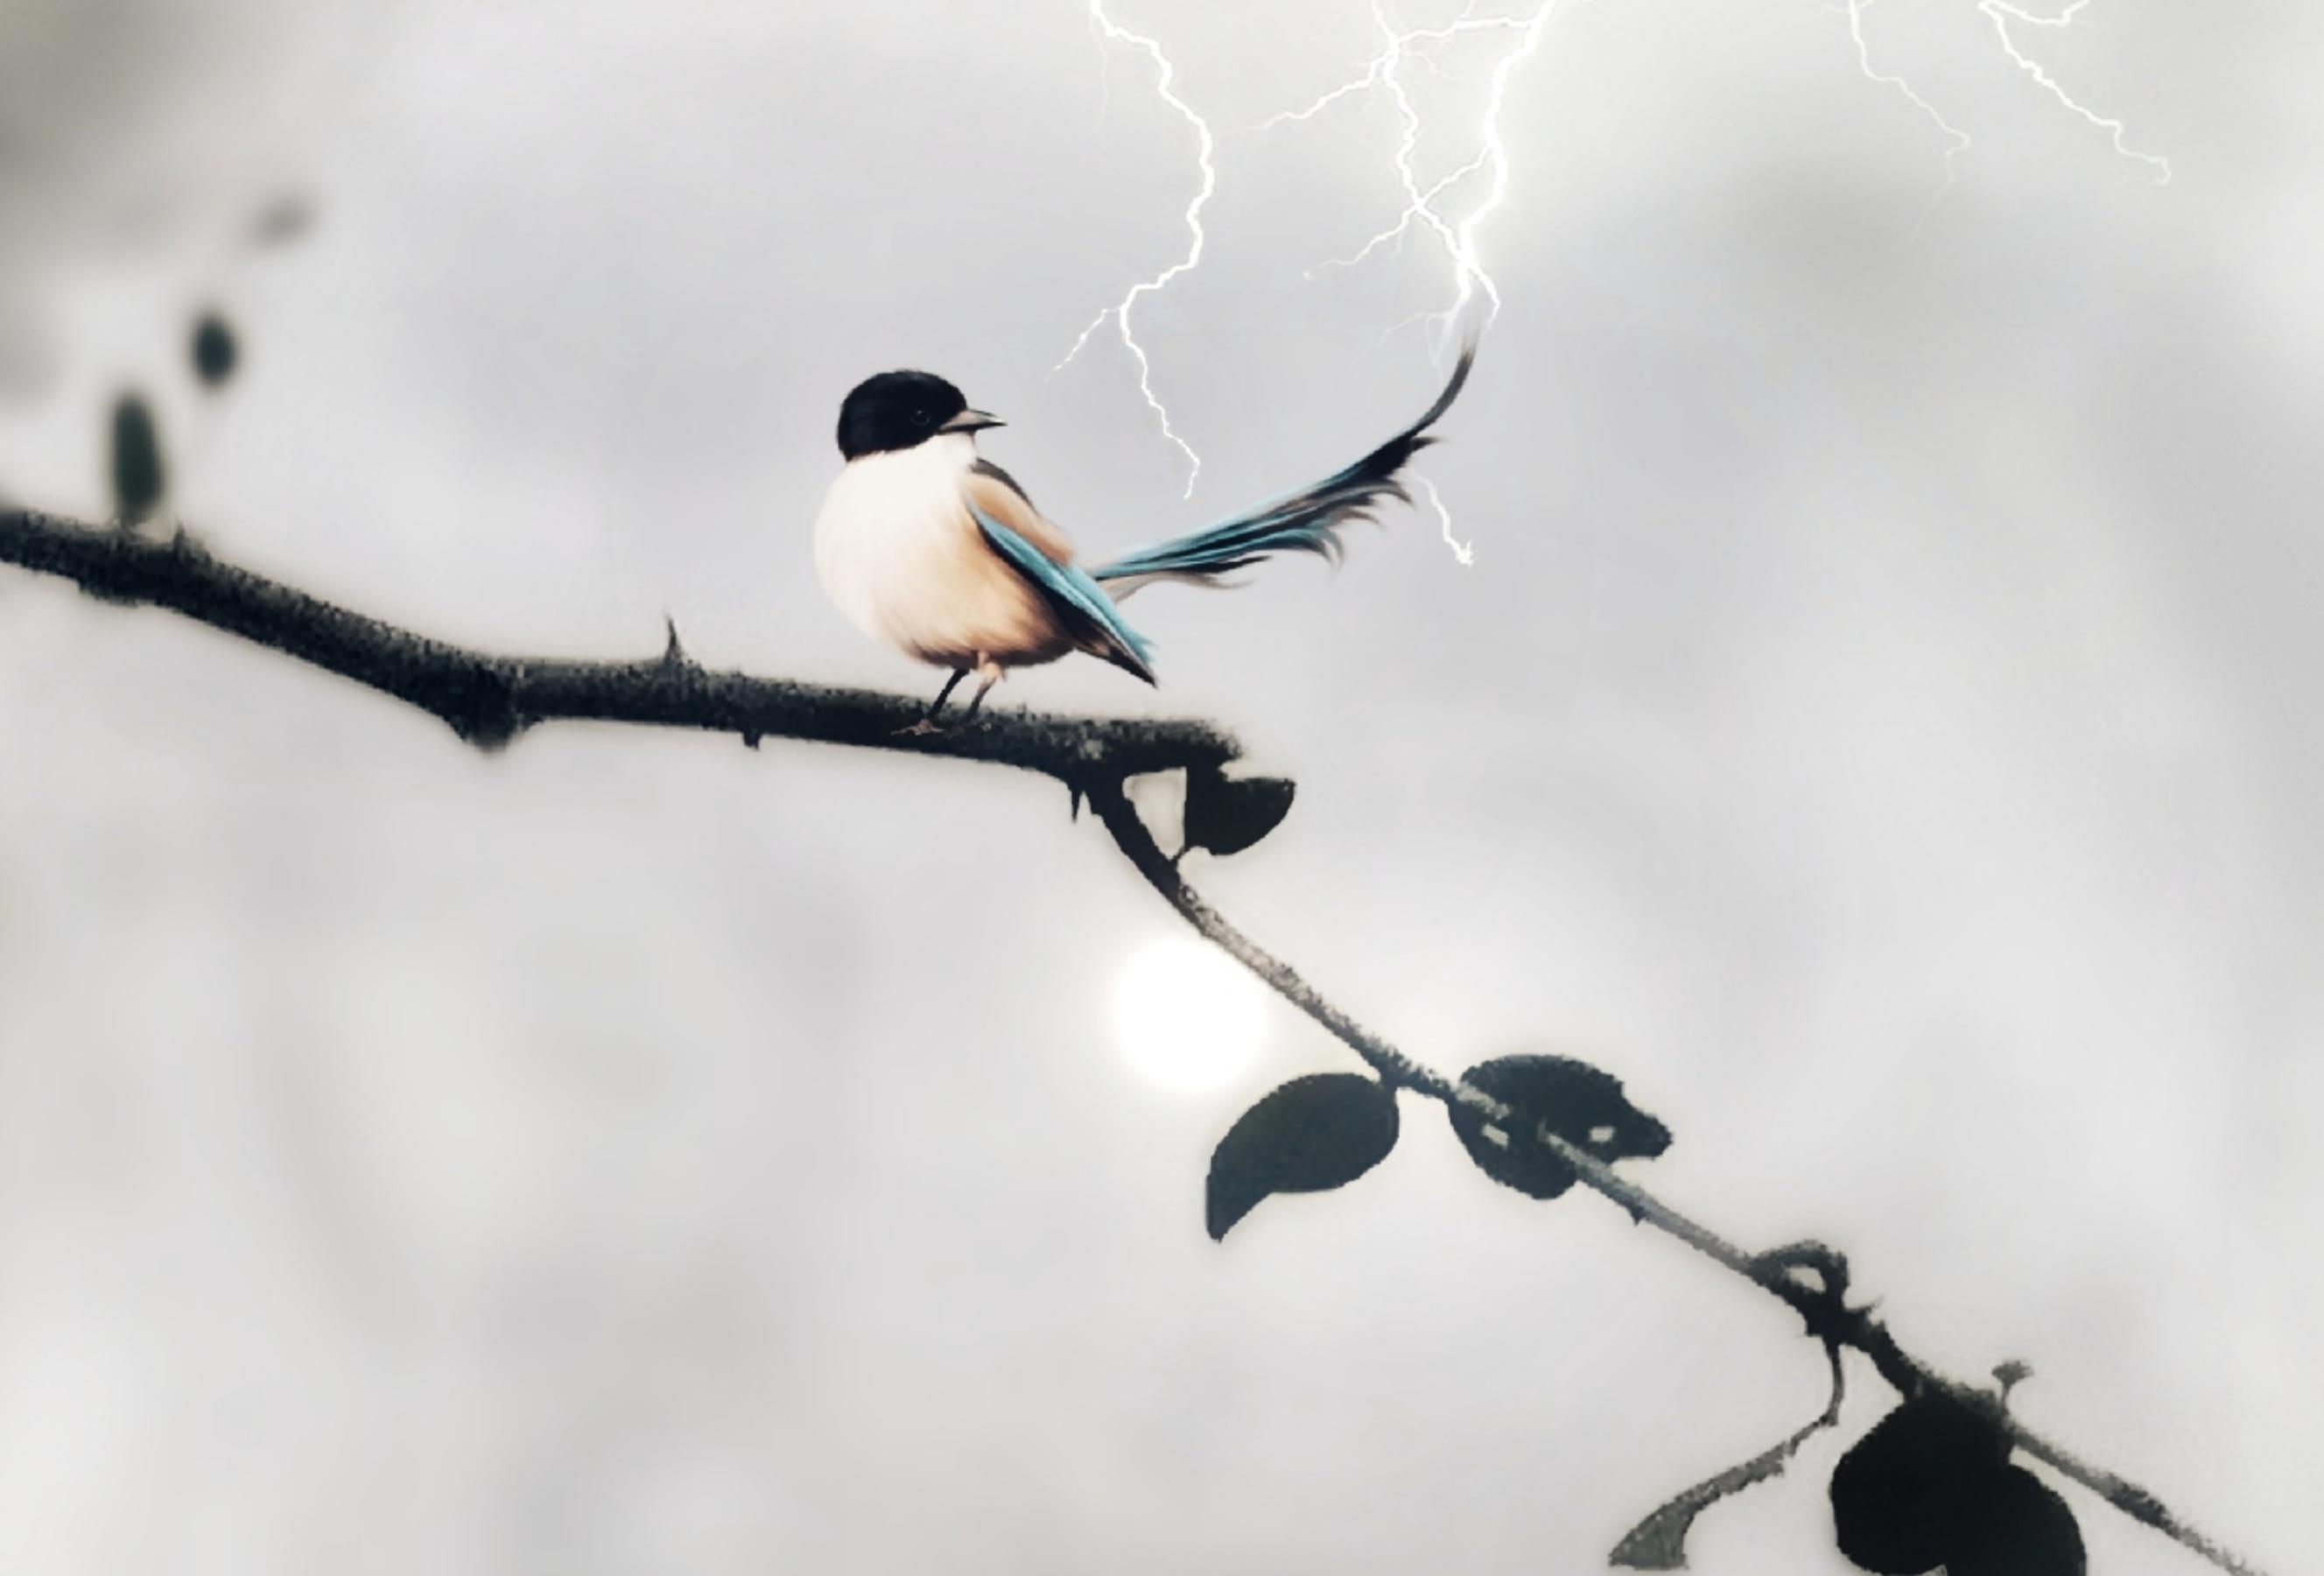 πραγματικό μεγάλο πουλί εικόνες άνδρες πιπιλίζουν μεγάλες πούτσες